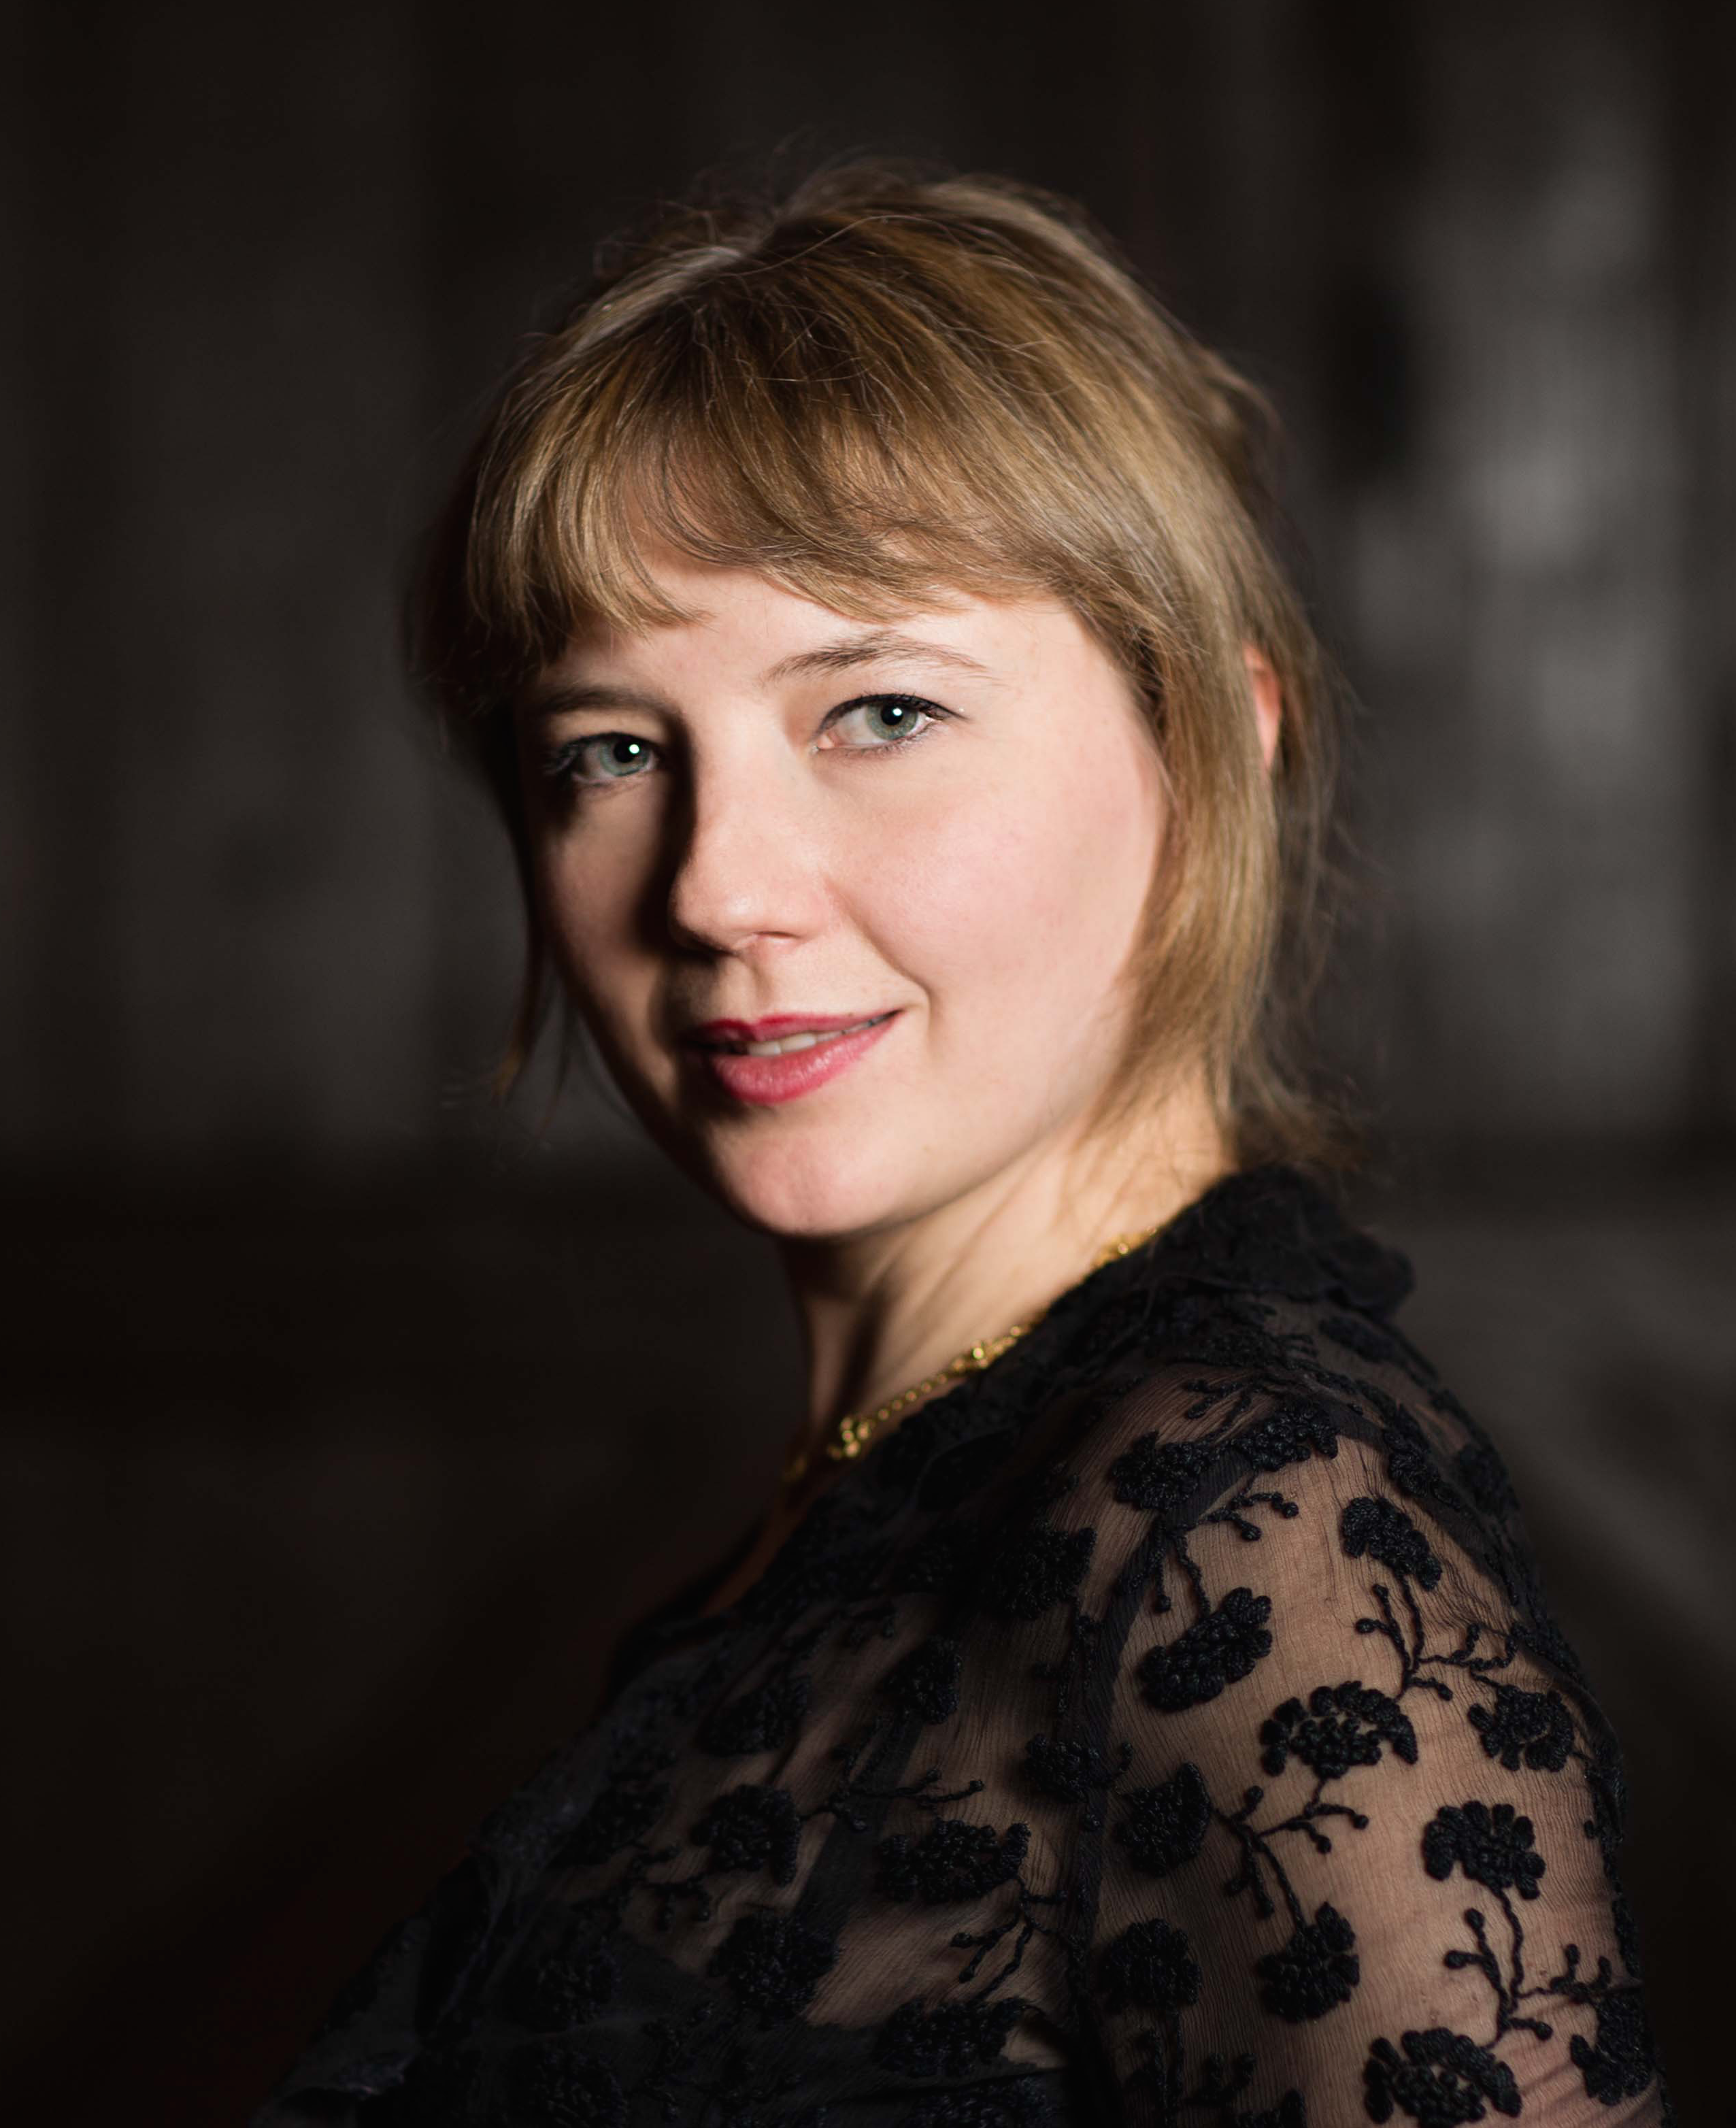 Saskia Salembier